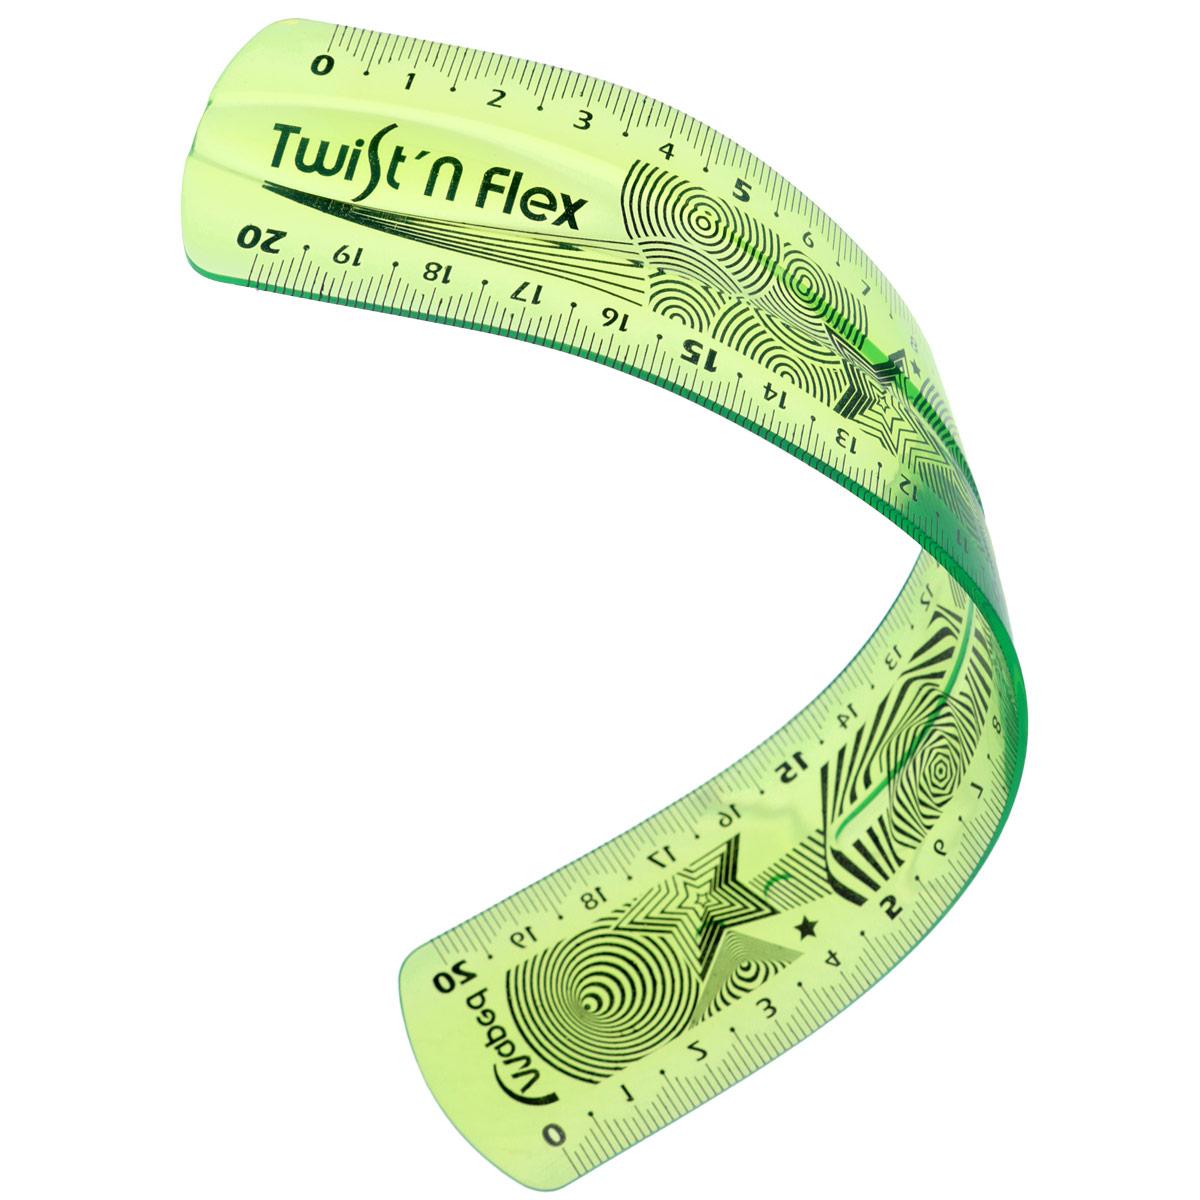 Линейка Maped Twistnflex, гибкая, цвет: зеленый, 20 см279210 зеленыйЛинейка Maped Twistnflex - это неломающаяся линейка, которую можно сгибать и скручивать неограниченное количество раз. После непродолжительного времени принимает первоначальную форму и не деформируется. Можно использовать как антистресс.